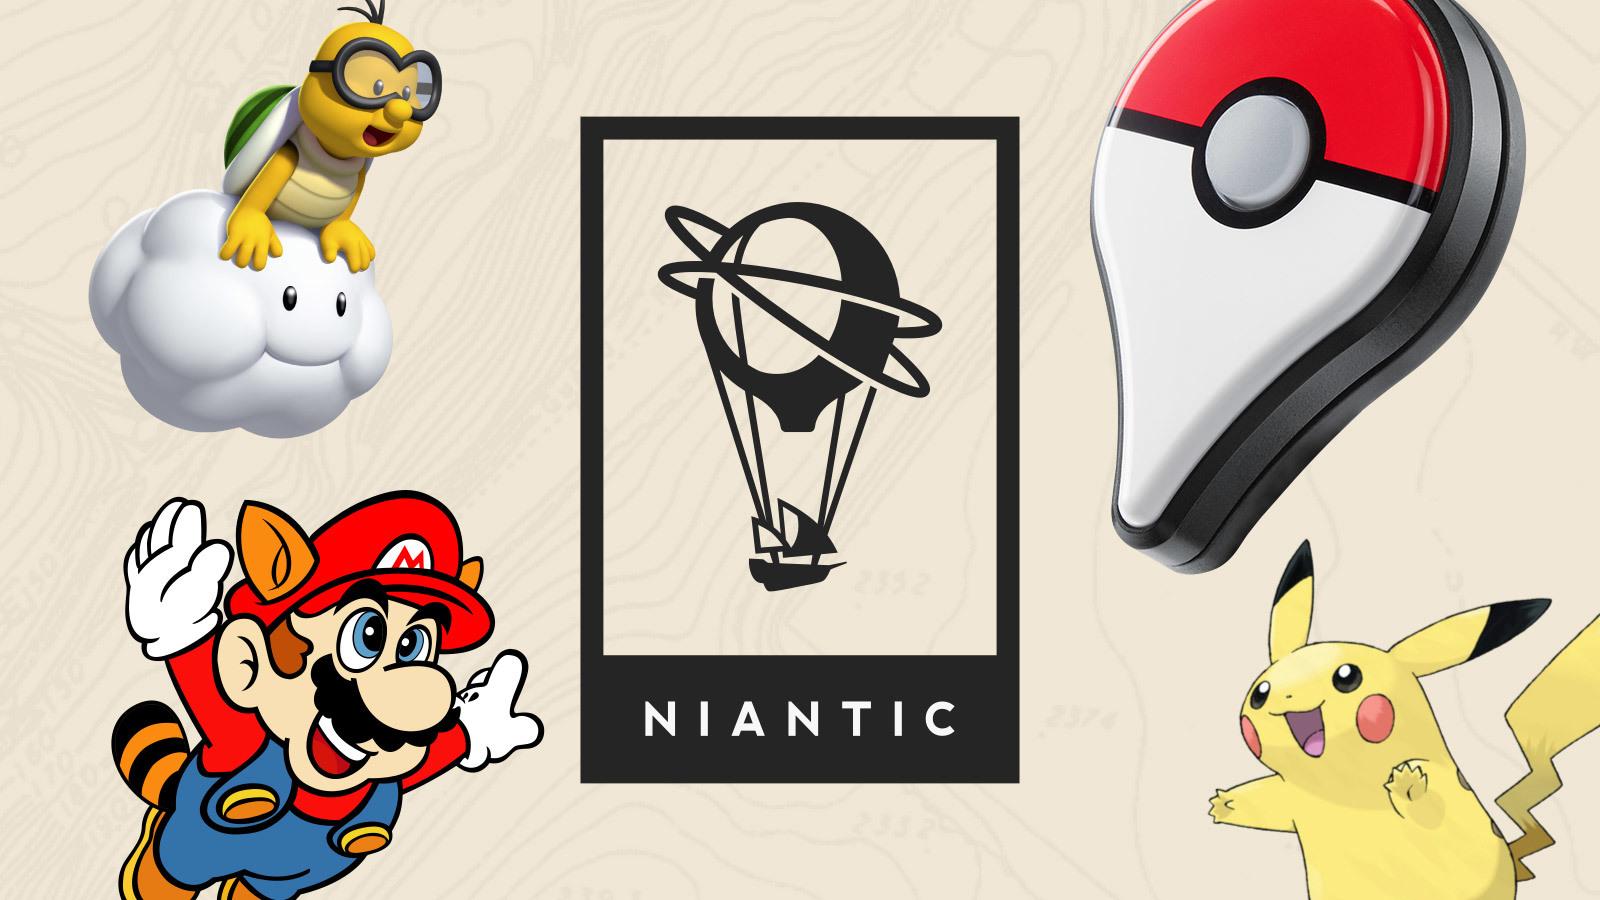 От создателей Pokémon Go: что делала Niantic перед тем, как захватить мир - 1